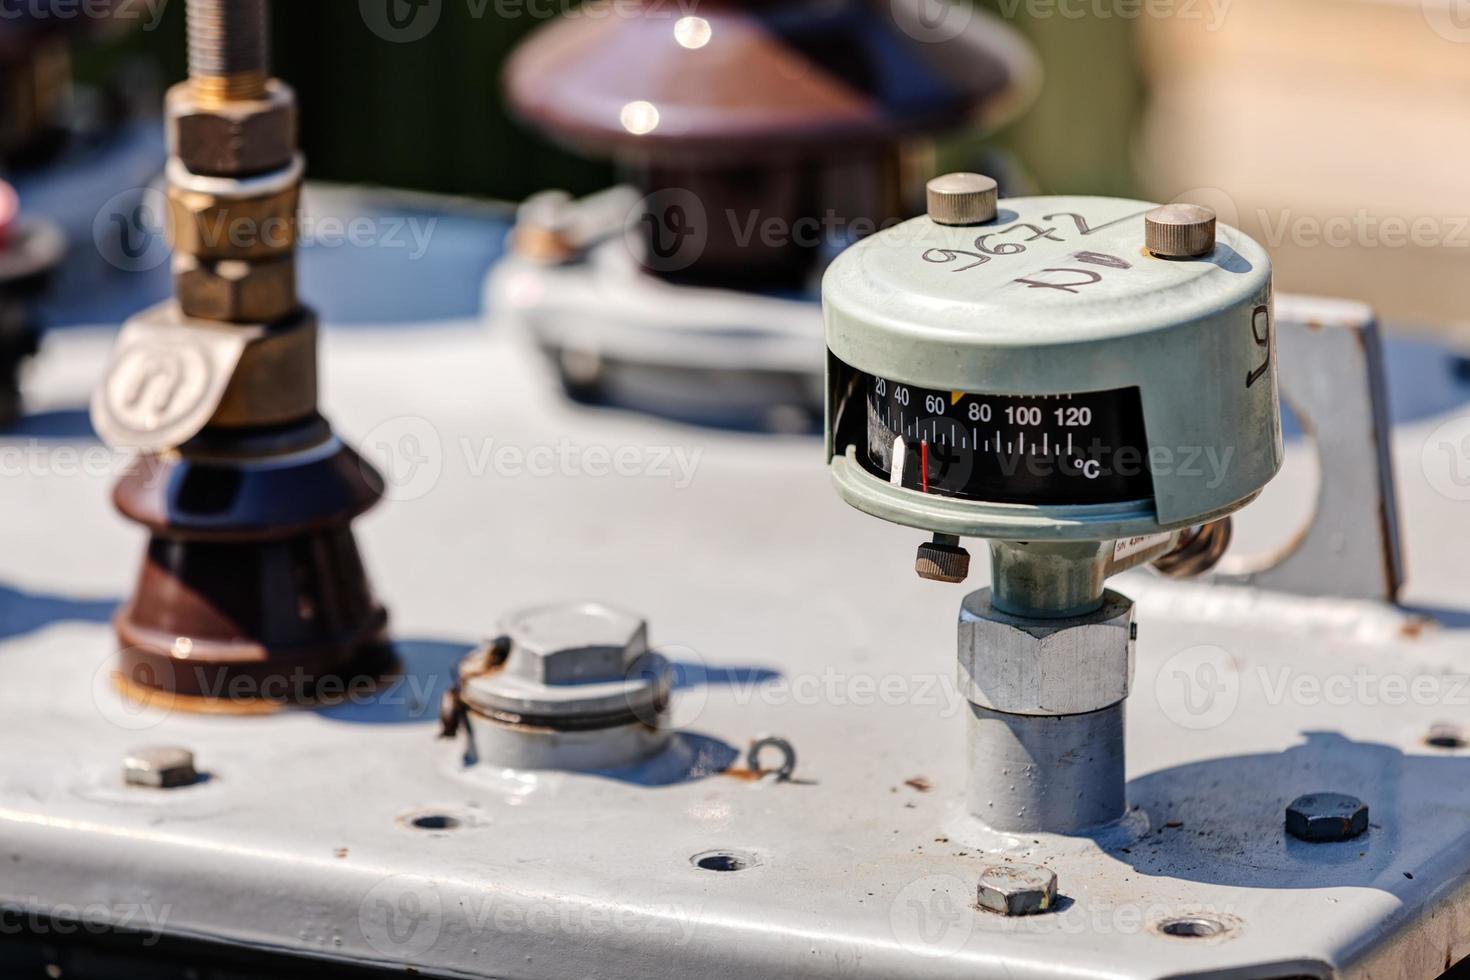 nouveau transformateur haute tension photo